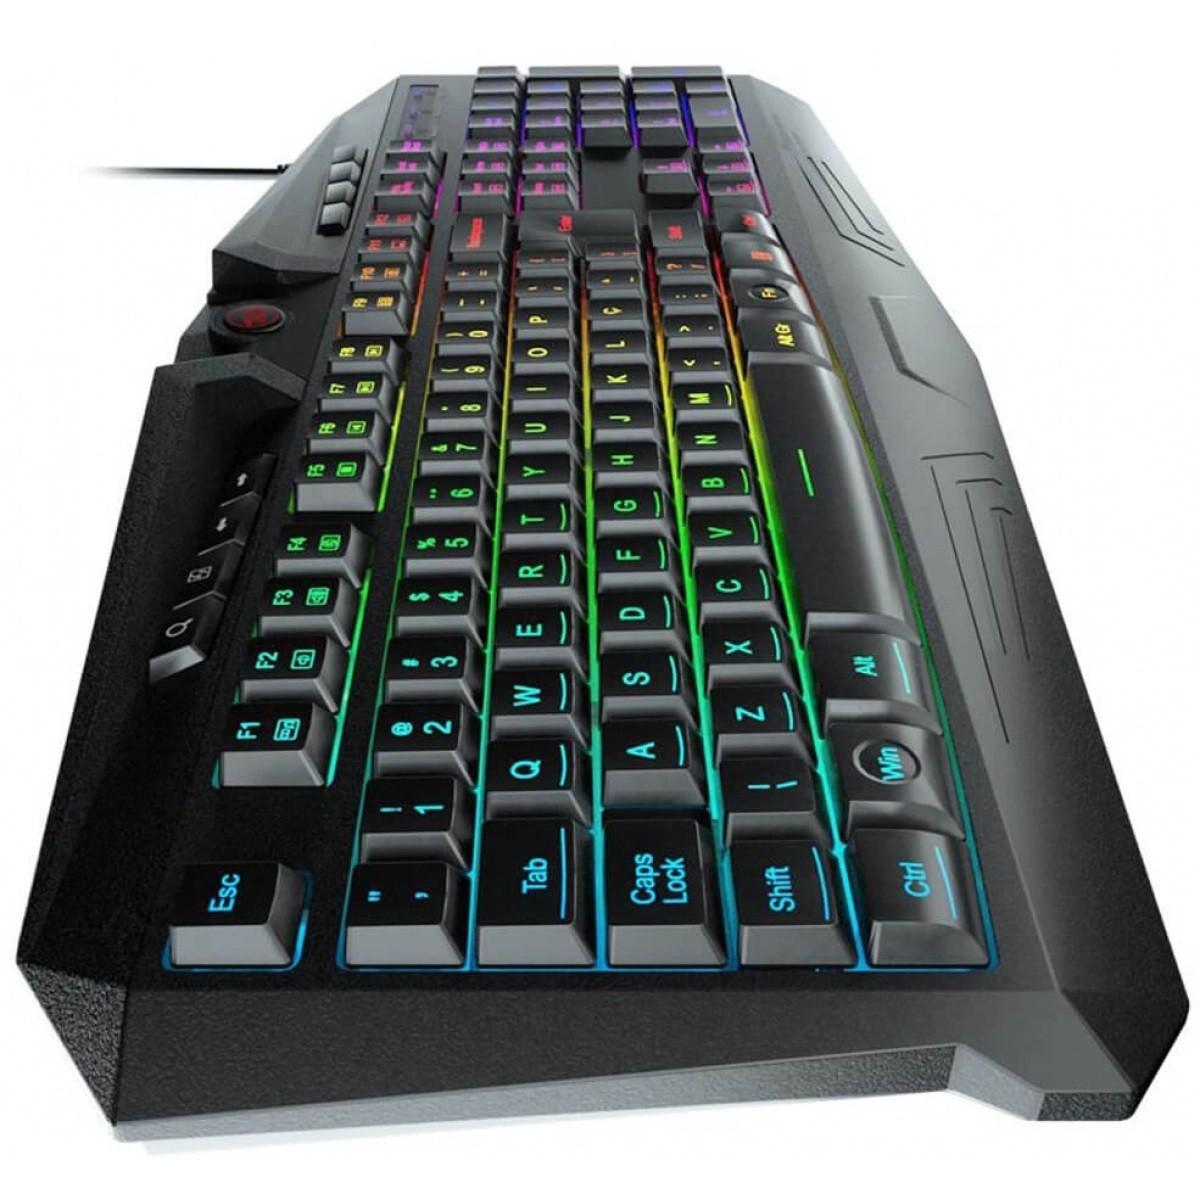 Teclado Gamer Redragon Harpe, RGB, ABNT2 - K503RGB PT